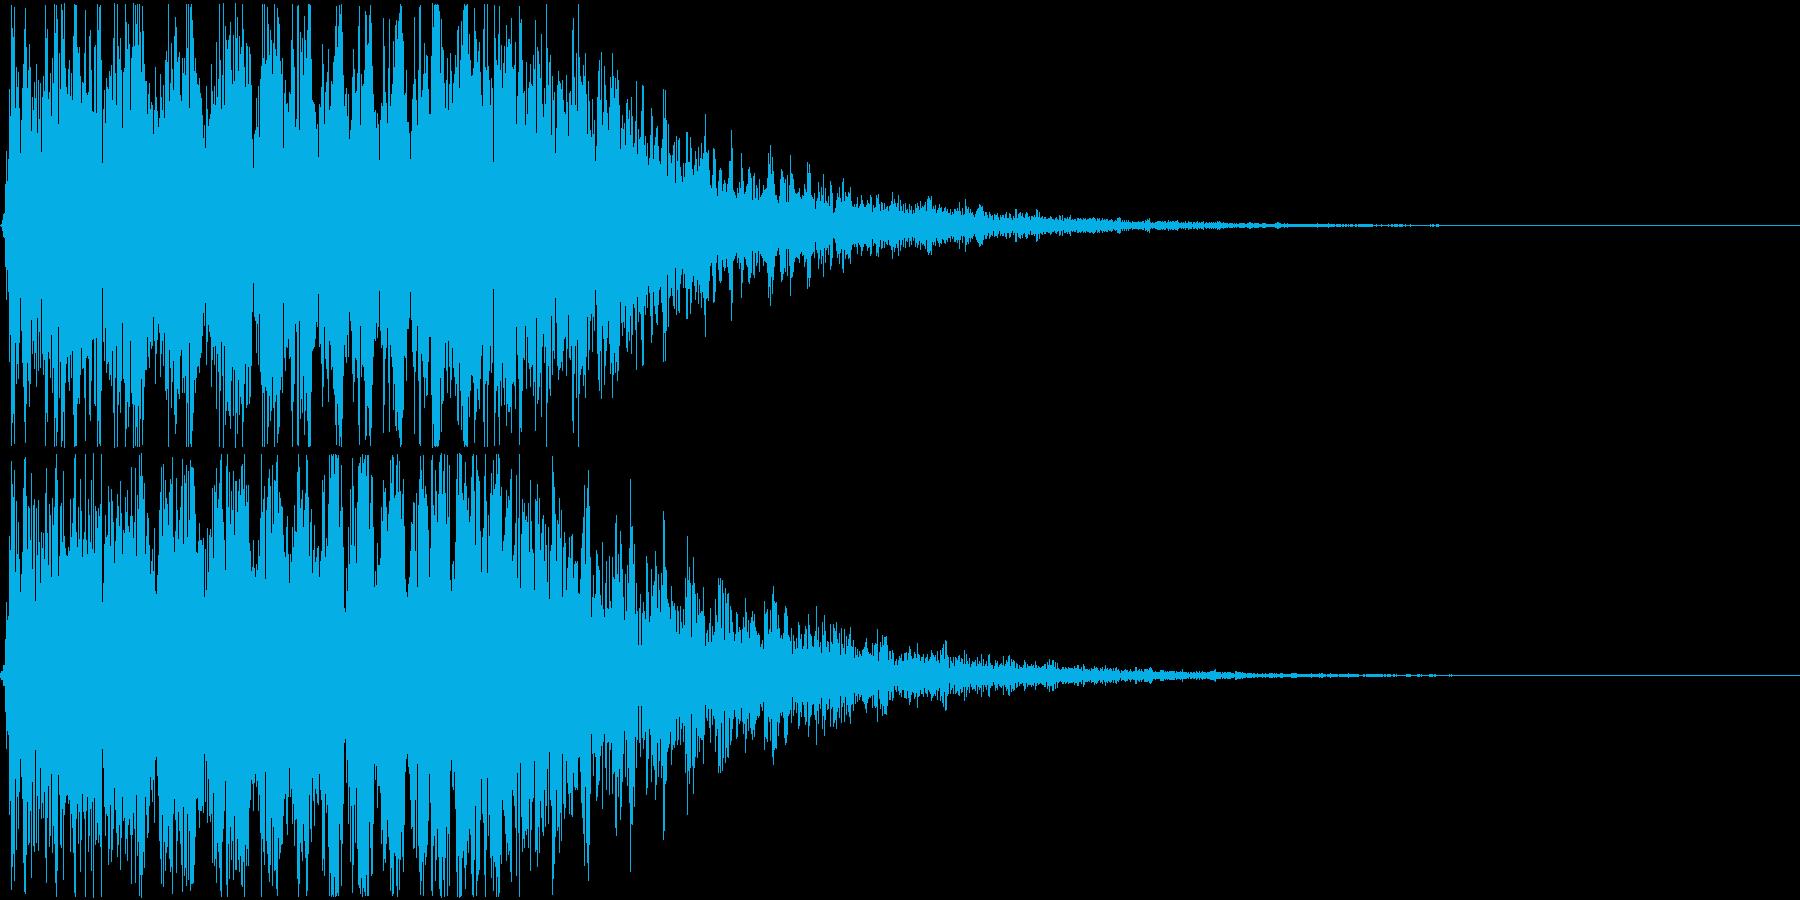 キュイン ギュイーン シャキーン 10の再生済みの波形